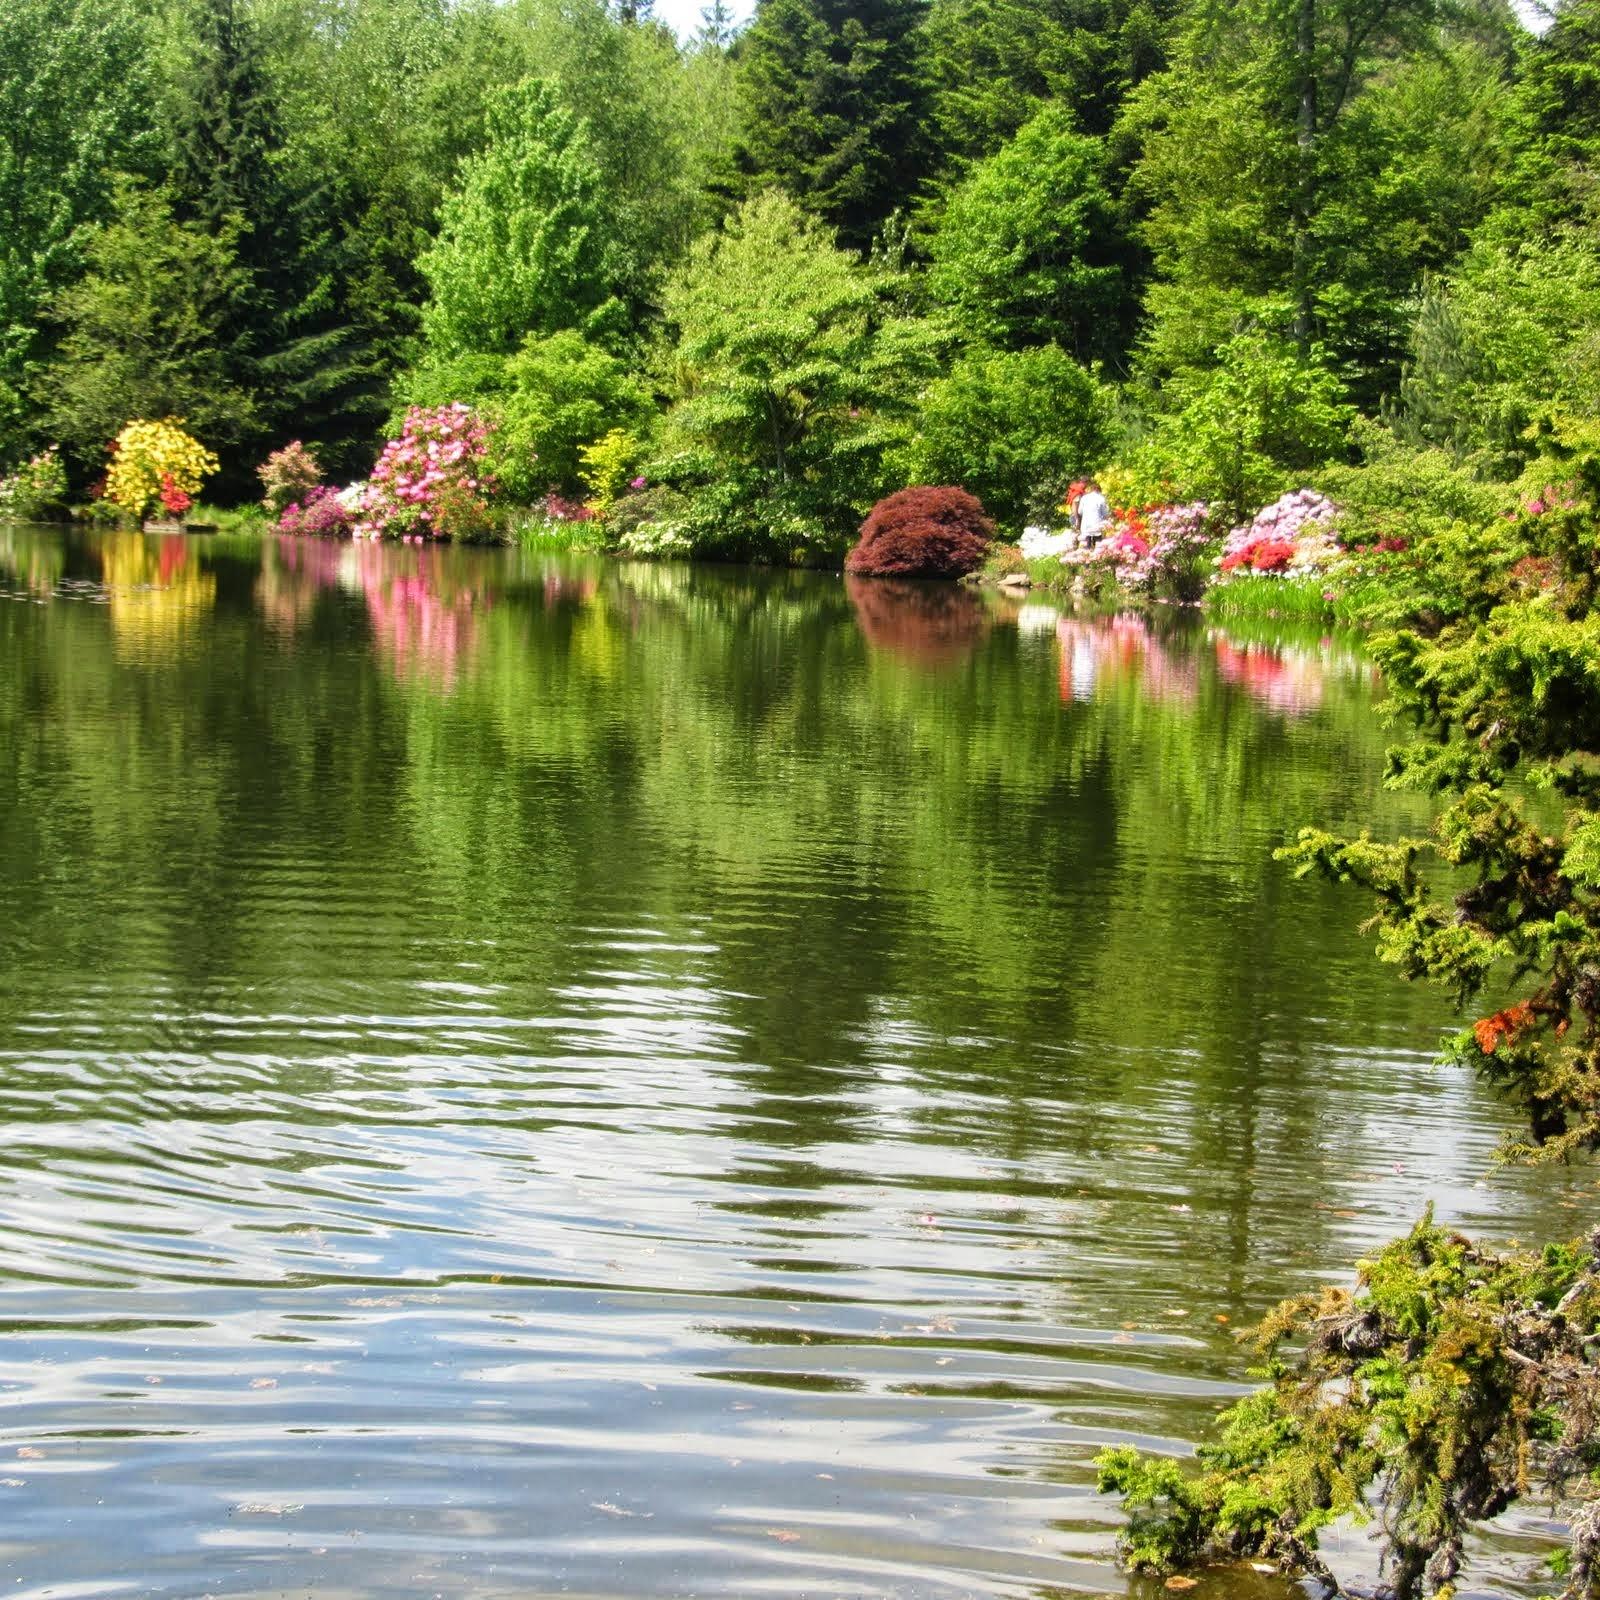 Mjeanclaude le jardin botanique de gondremer 17 mai for Jardin botanique decembre 2015